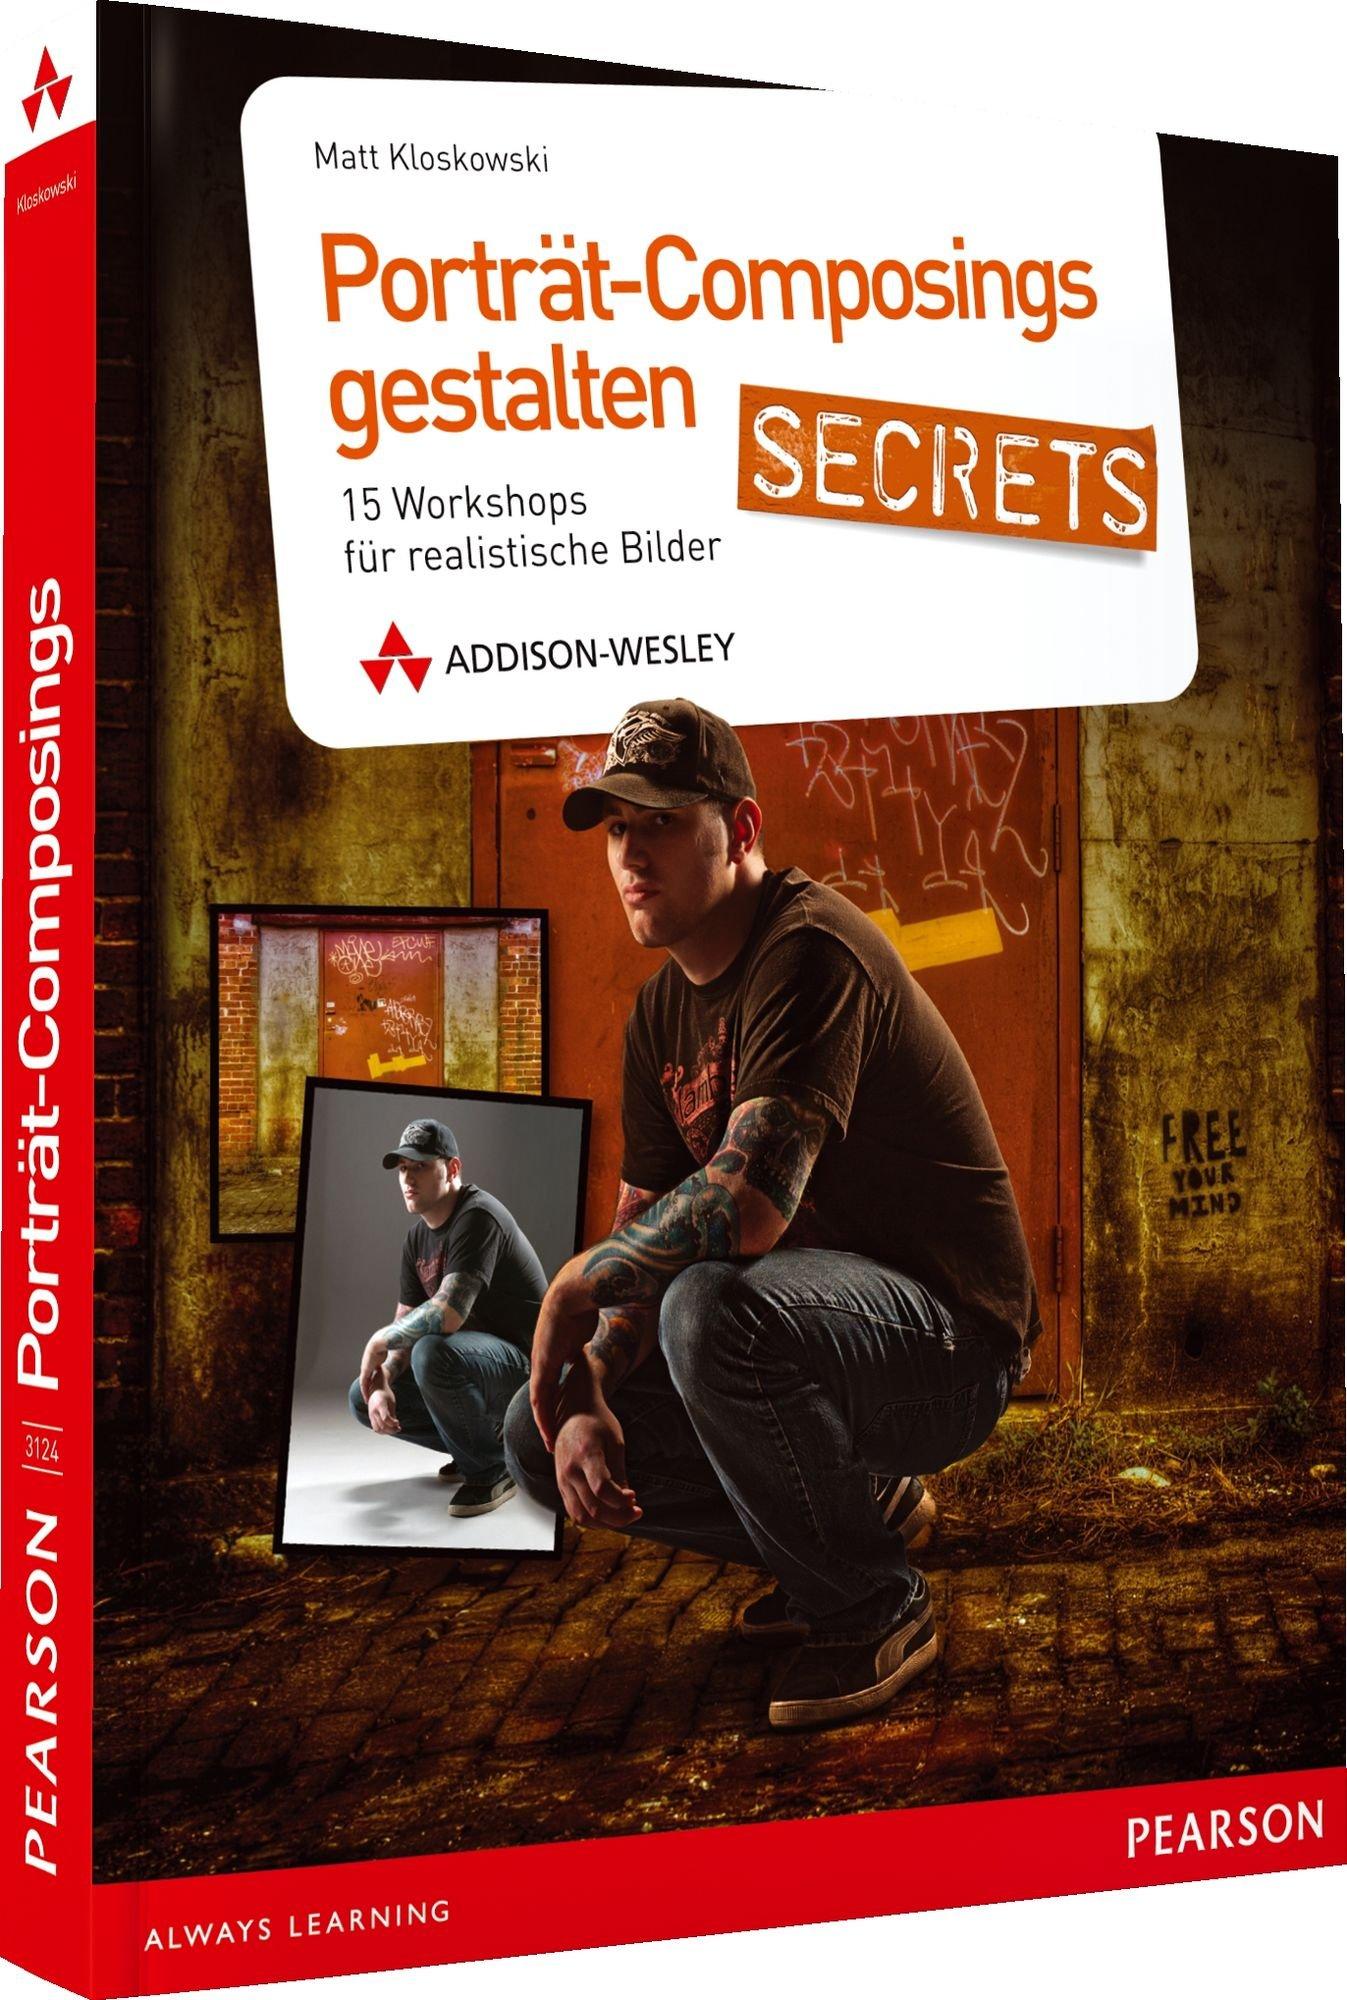 Porträt-Composings gestalten: 15 Photoshop Workshops für realistische Bilder (DPI Grafik) Taschenbuch – 1. Januar 2012 Matt Kloskowski Addison-Wesley Verlag 3827331242 Anwendungs-Software